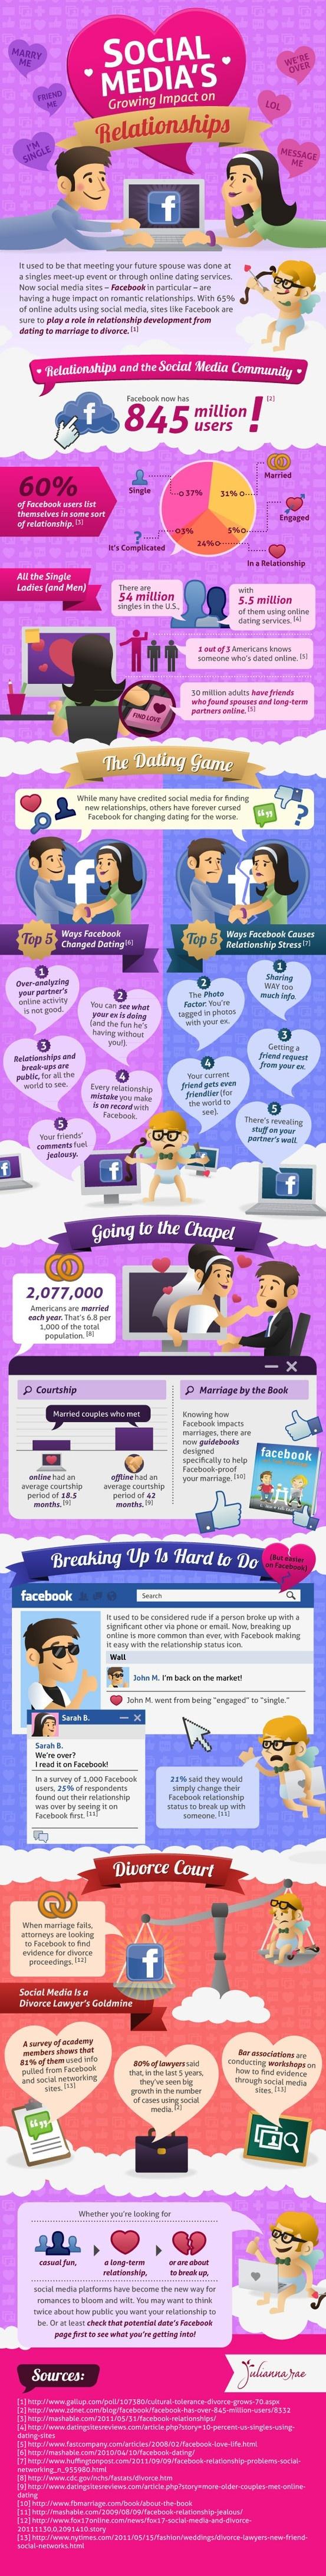 Avec 65% des adultes utilisateurs, les réseaux sont sûrs de jouer un rôle dans le développement des rencontres, du mariage au divorce.